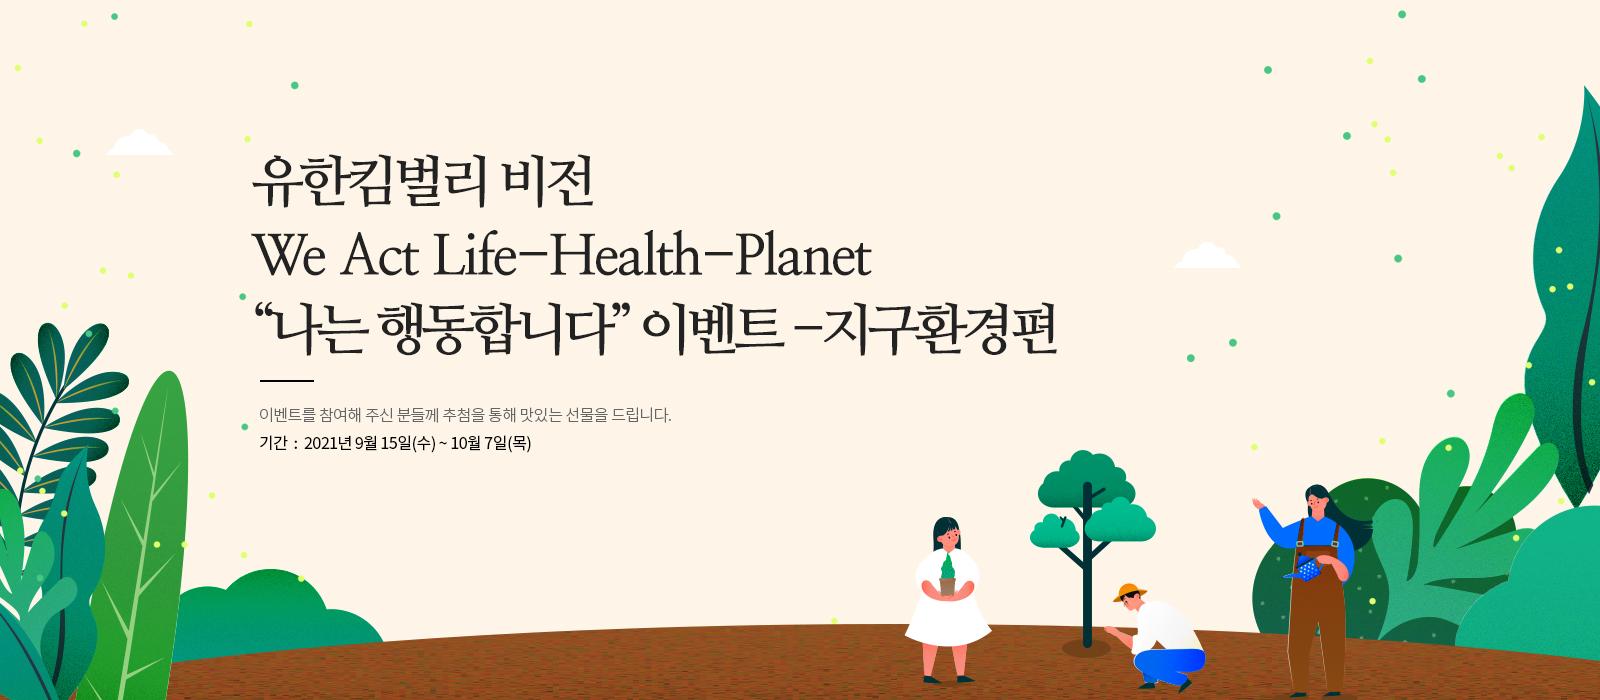 유한킴벌리 비전 We Act Life-Health-Planet 나는 행동합니다 이벤트 지구환경편 이벤트를 참여해 주신 분들께 추첨을 통해 맛있는 선물을 드립니다. 기간 2021년 9월 15일 수요일부터 10월 7일 목요일까지